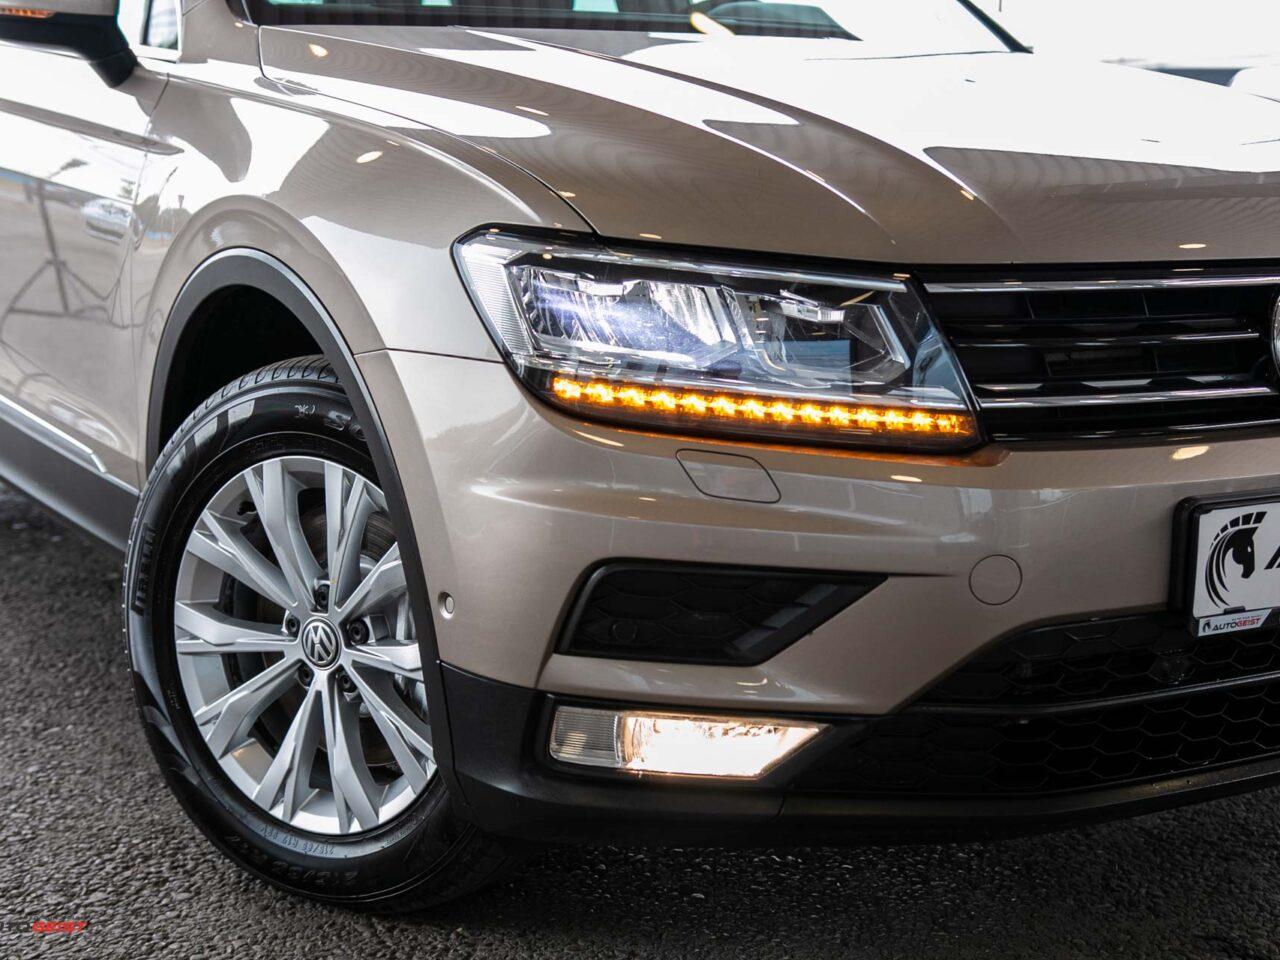 VW-Tiguan-0009